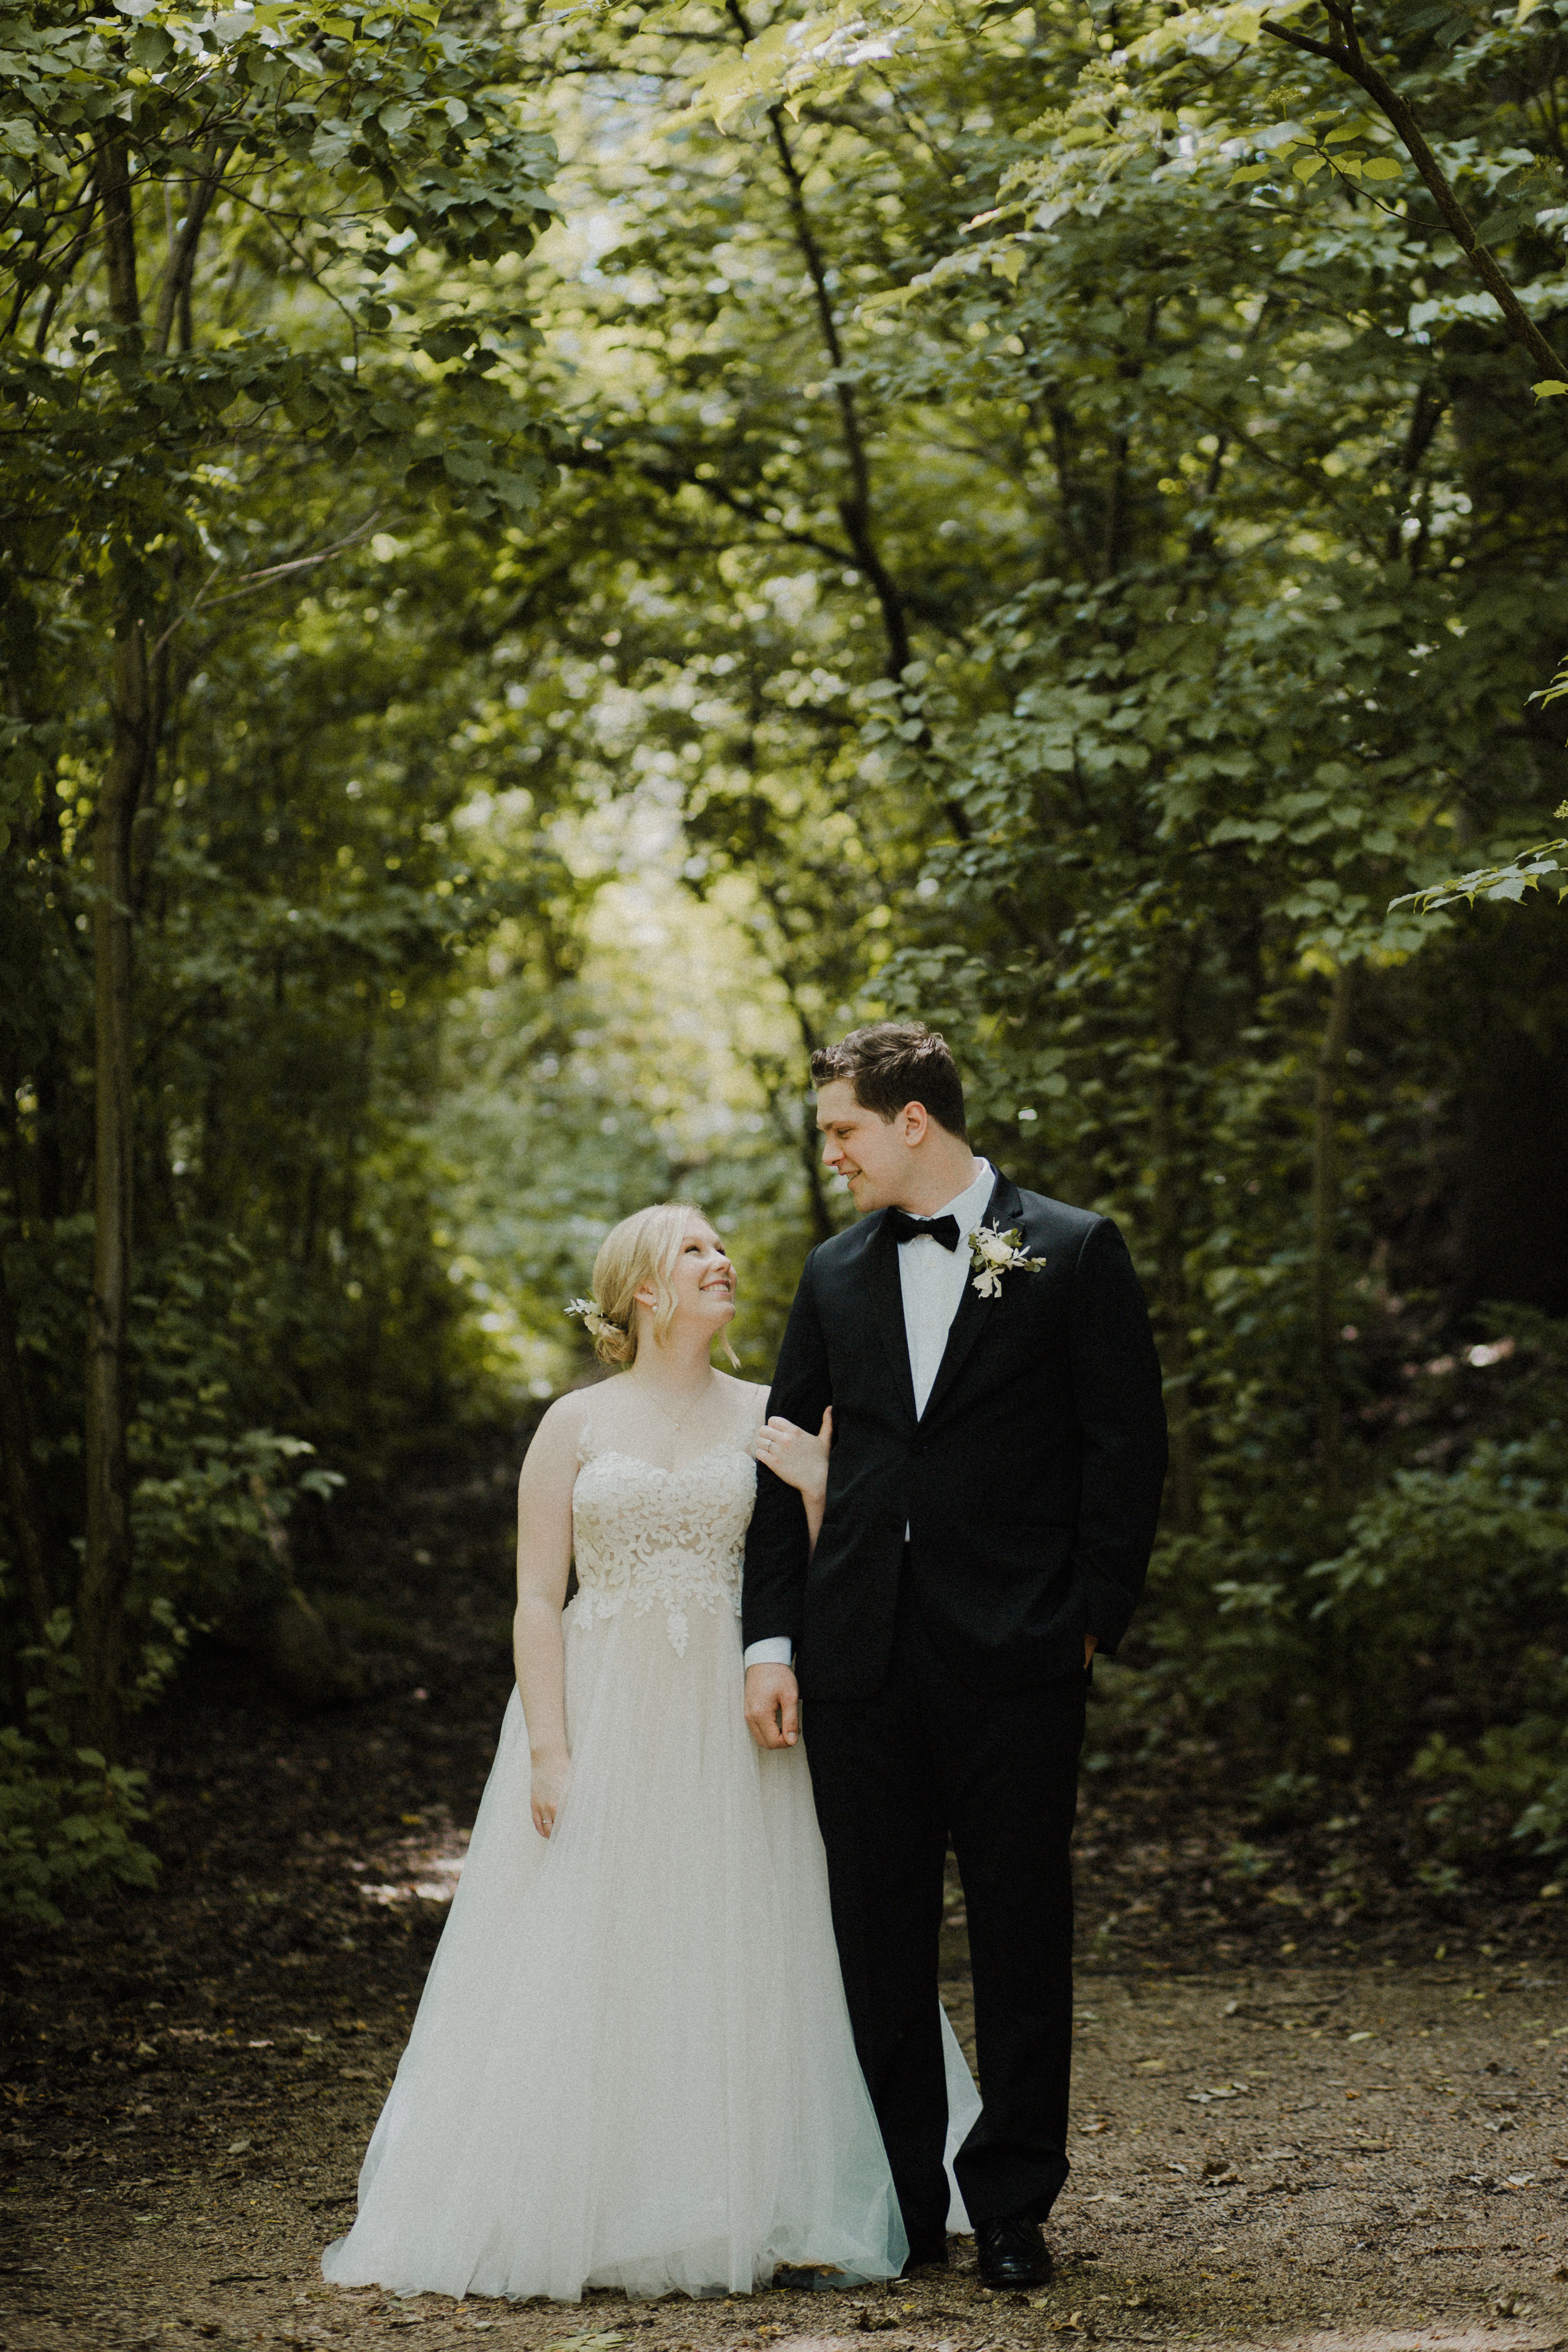 Windermere Manor Wedding in London Ontario-1-14.jpg